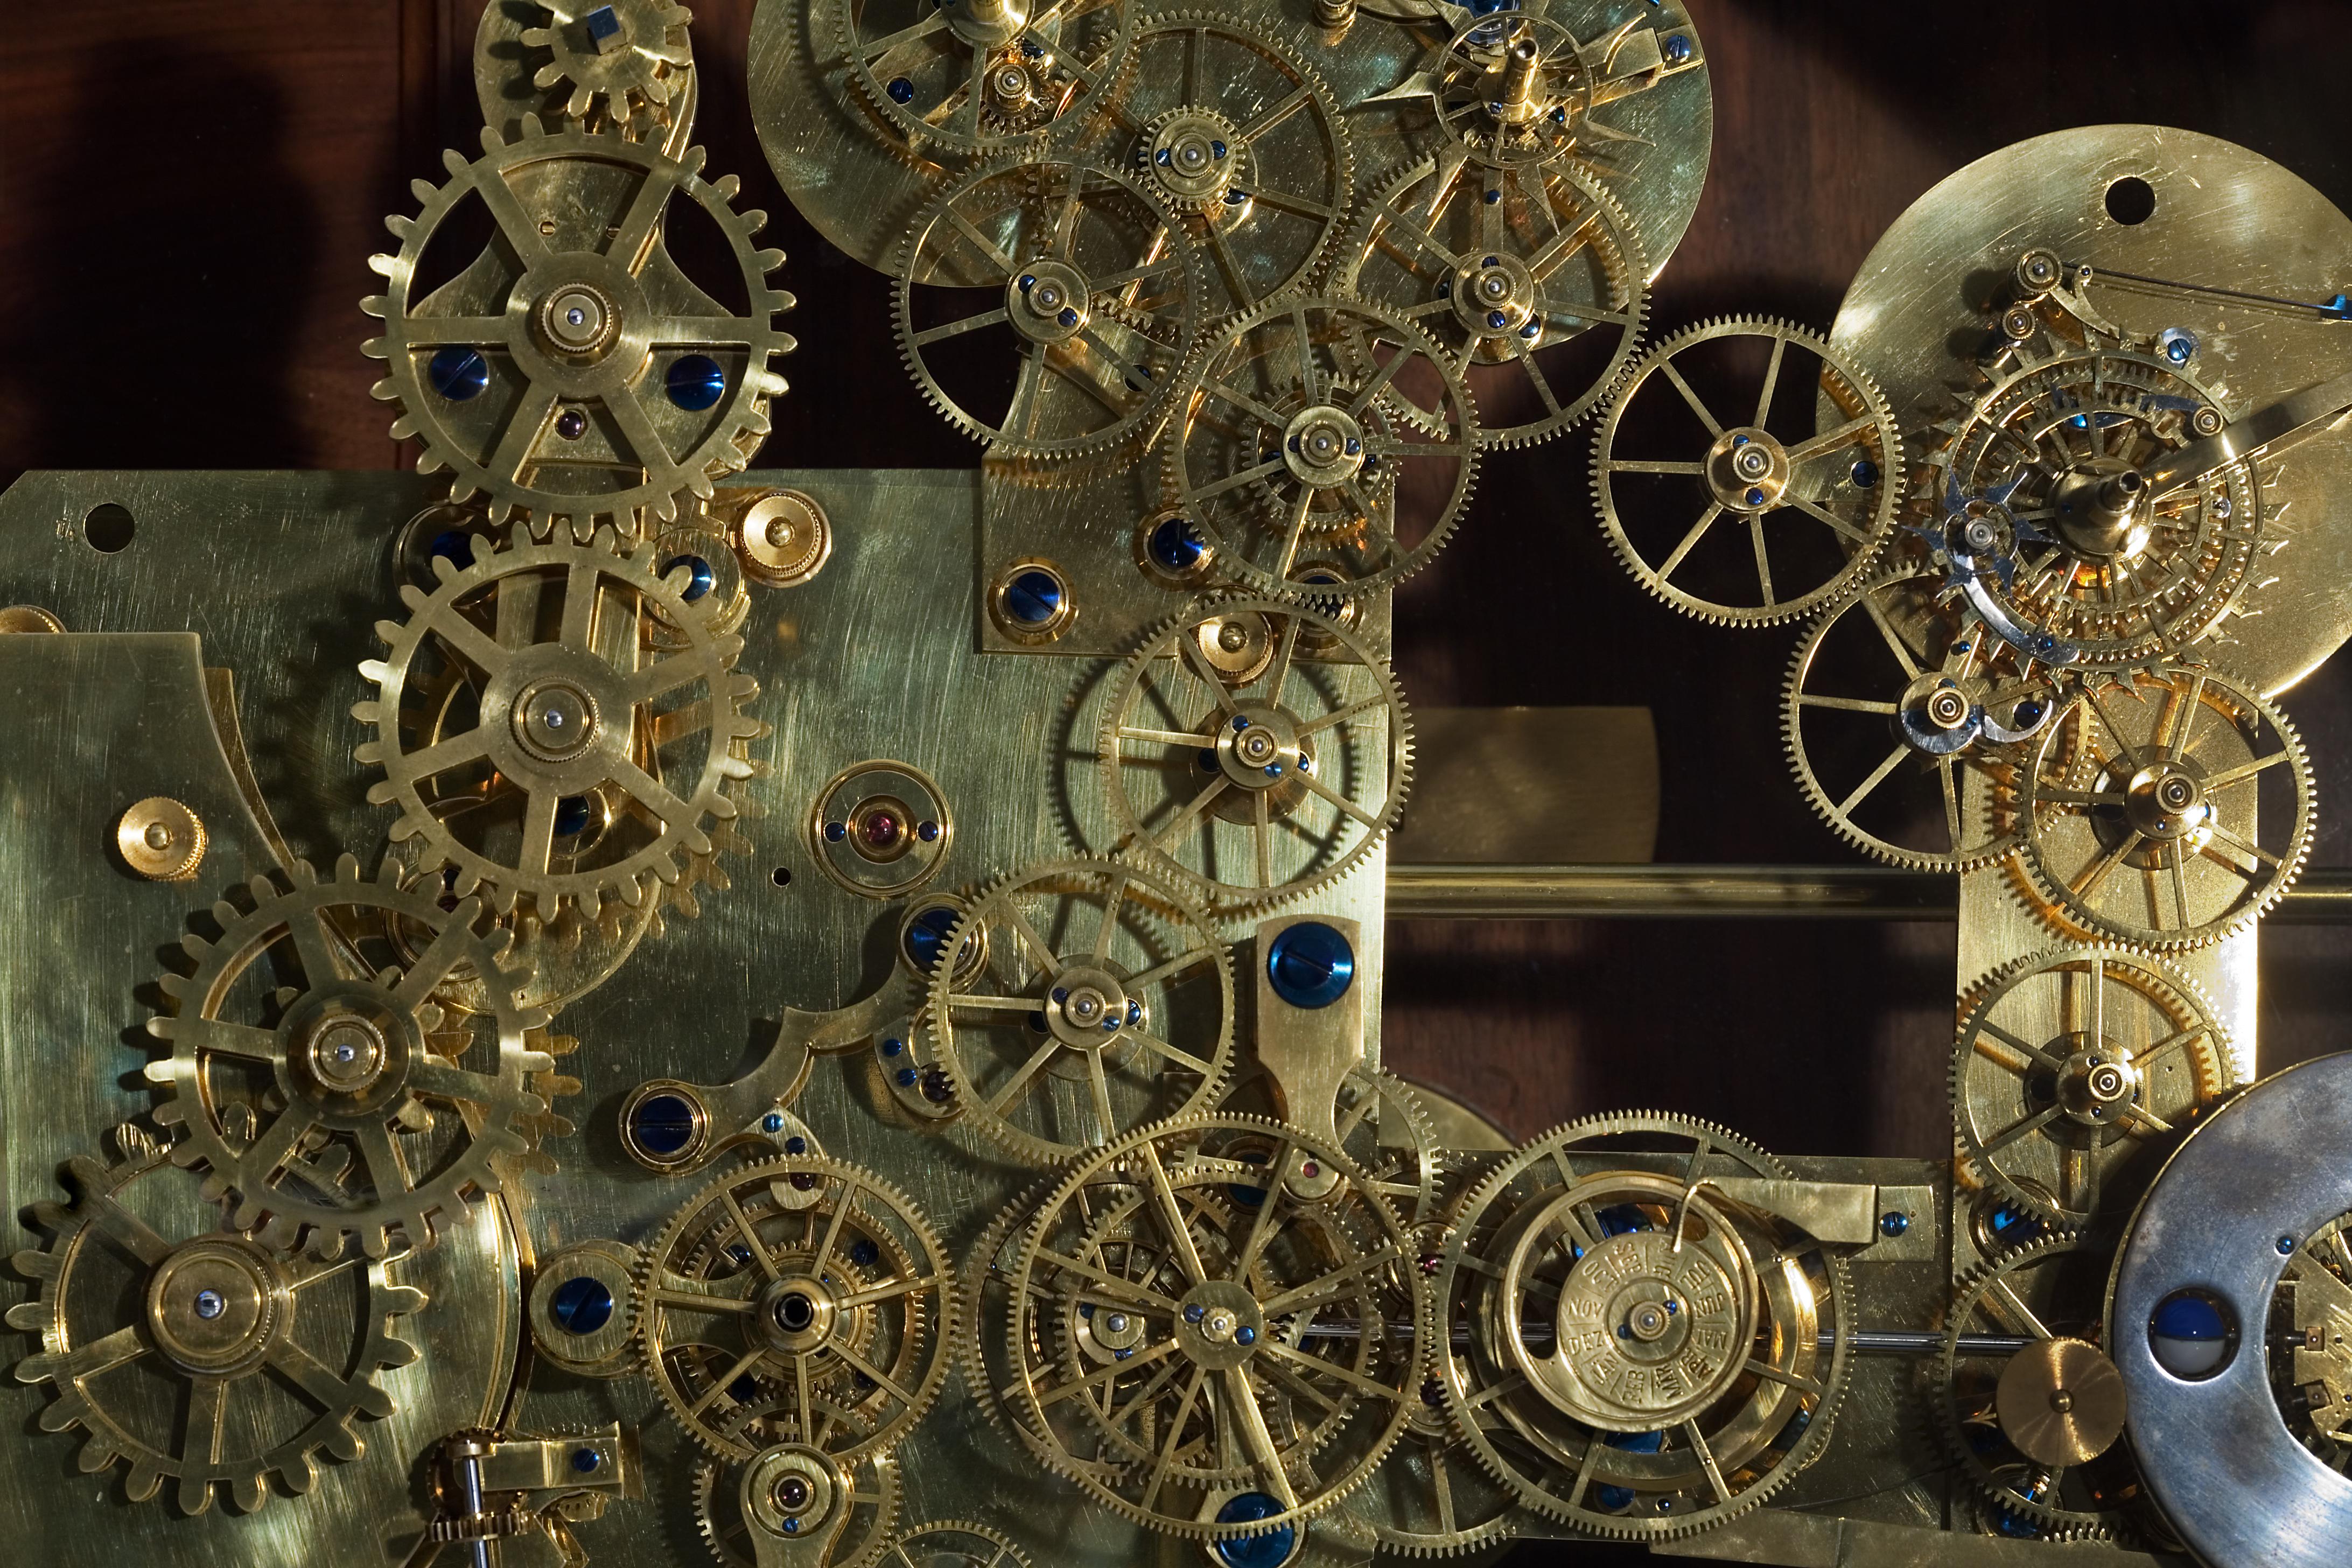 Vintage Franz Zajizek Astronomical Clock machinery. Foto: Jorge Royan, CC-BY-SA-3.0 via Wikimedia Commons